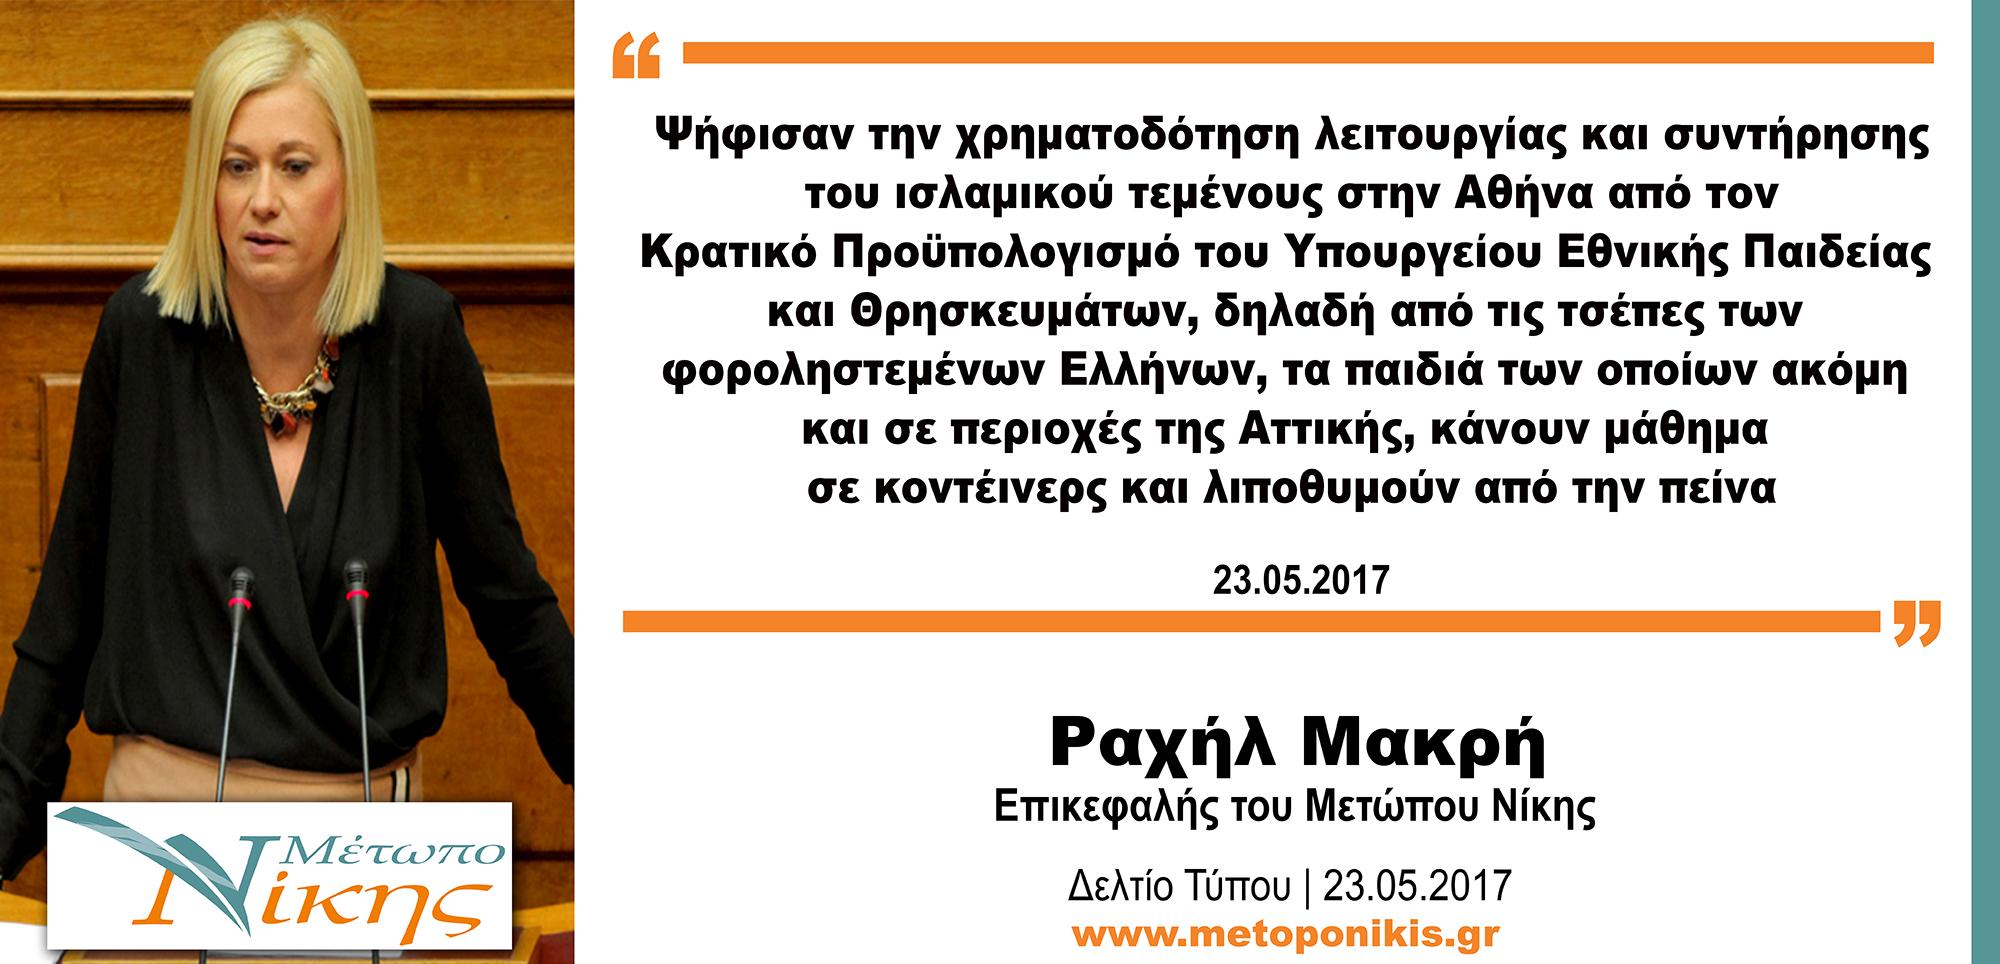 Ραχήλ Μακρή: «Ψήφισαν την χρηματοδότηση λειτουργίας και συντήρησης του ισλαμικού τεμένους στην Αθήνα από τον Κρατικό Προϋπολογισμό του Υπουργείου Εθνικής Παιδείας και Θρησκευμάτων, δηλαδή από τις τσέπες των φοροληστεμένων Ελλήνων, τα παιδιά των οποίων ακόμη και σε περιοχές της Αττικής, κάνουν μάθημα σε κοντέινερς και λιποθυμούν από την πείνα»